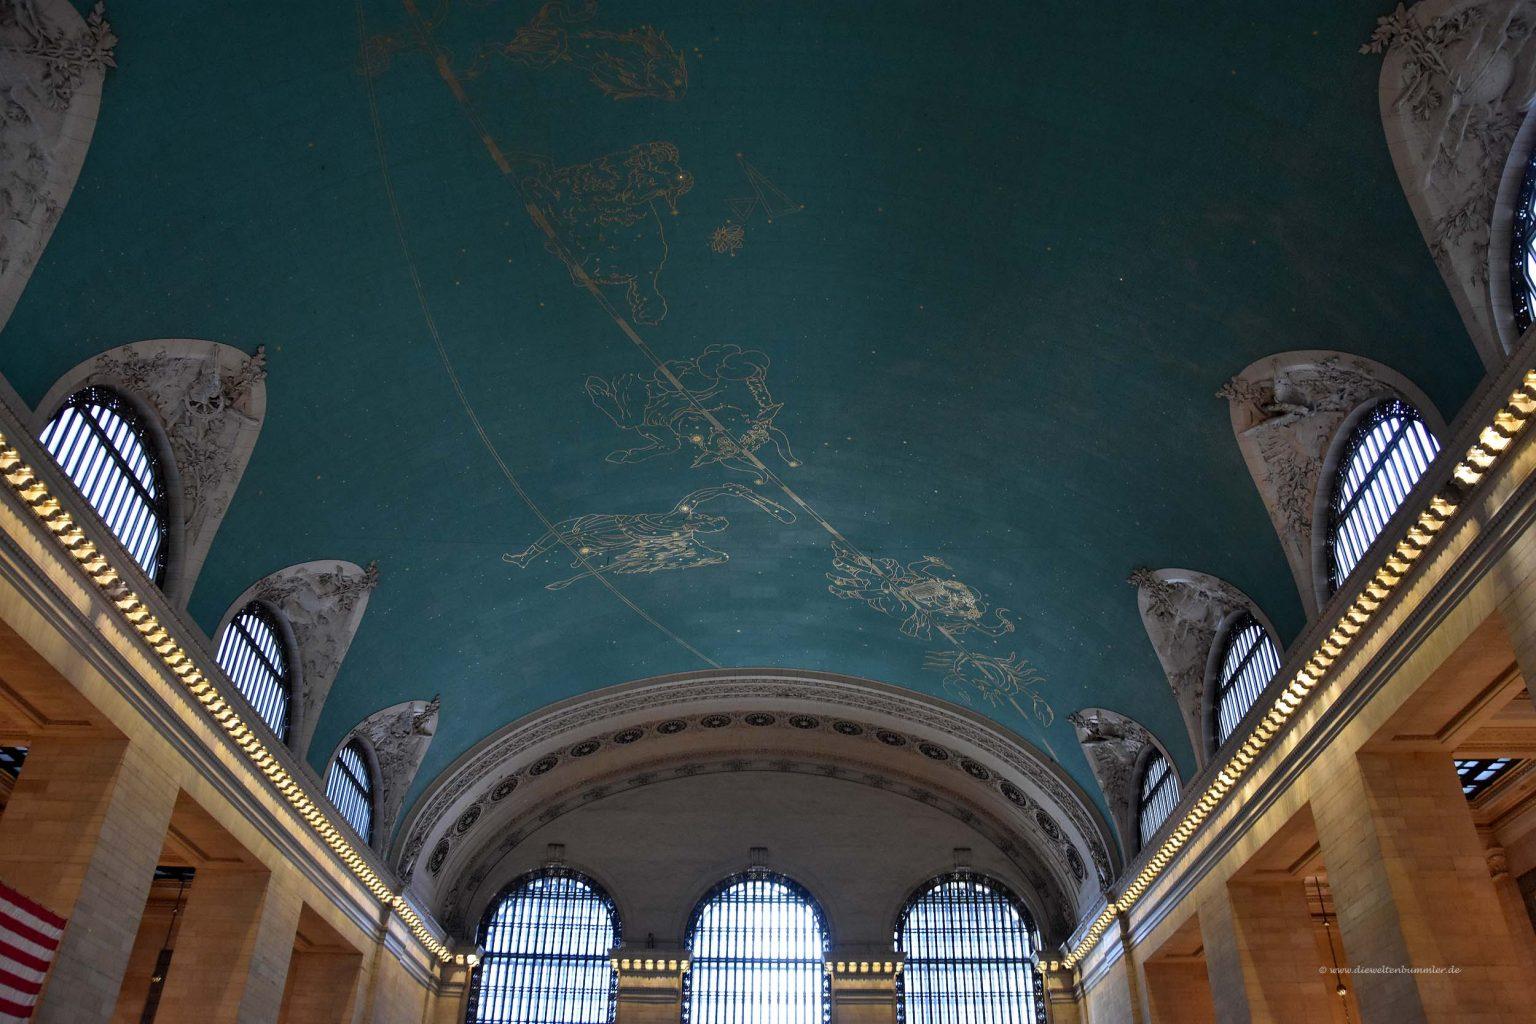 Deckengewölbe im Grand Central Terminal